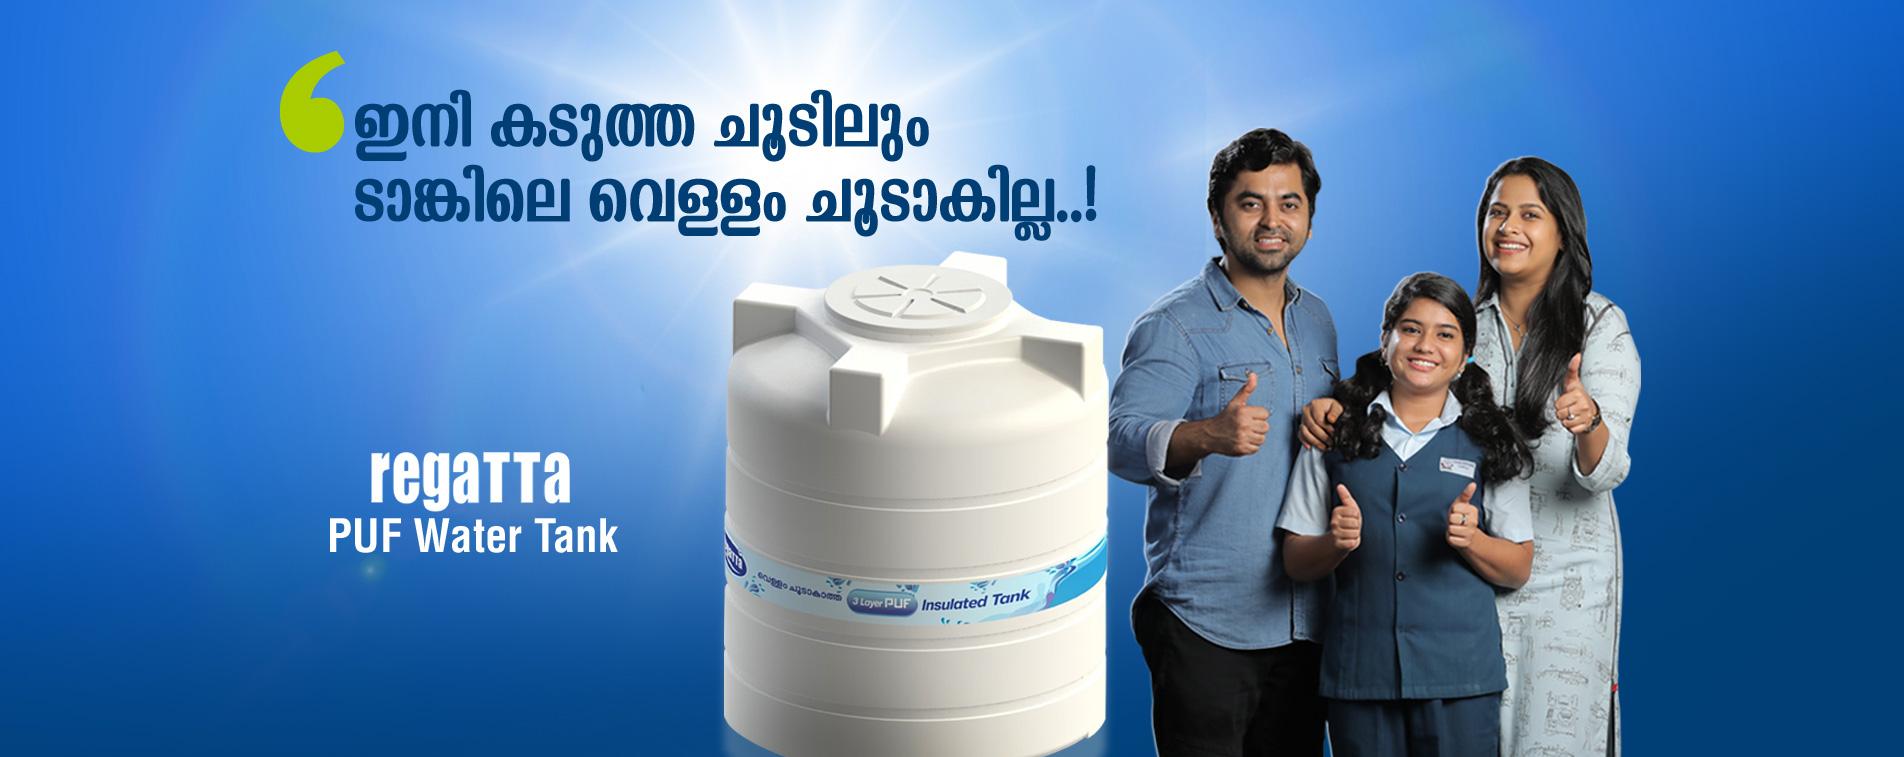 water tank manufacturer kerala